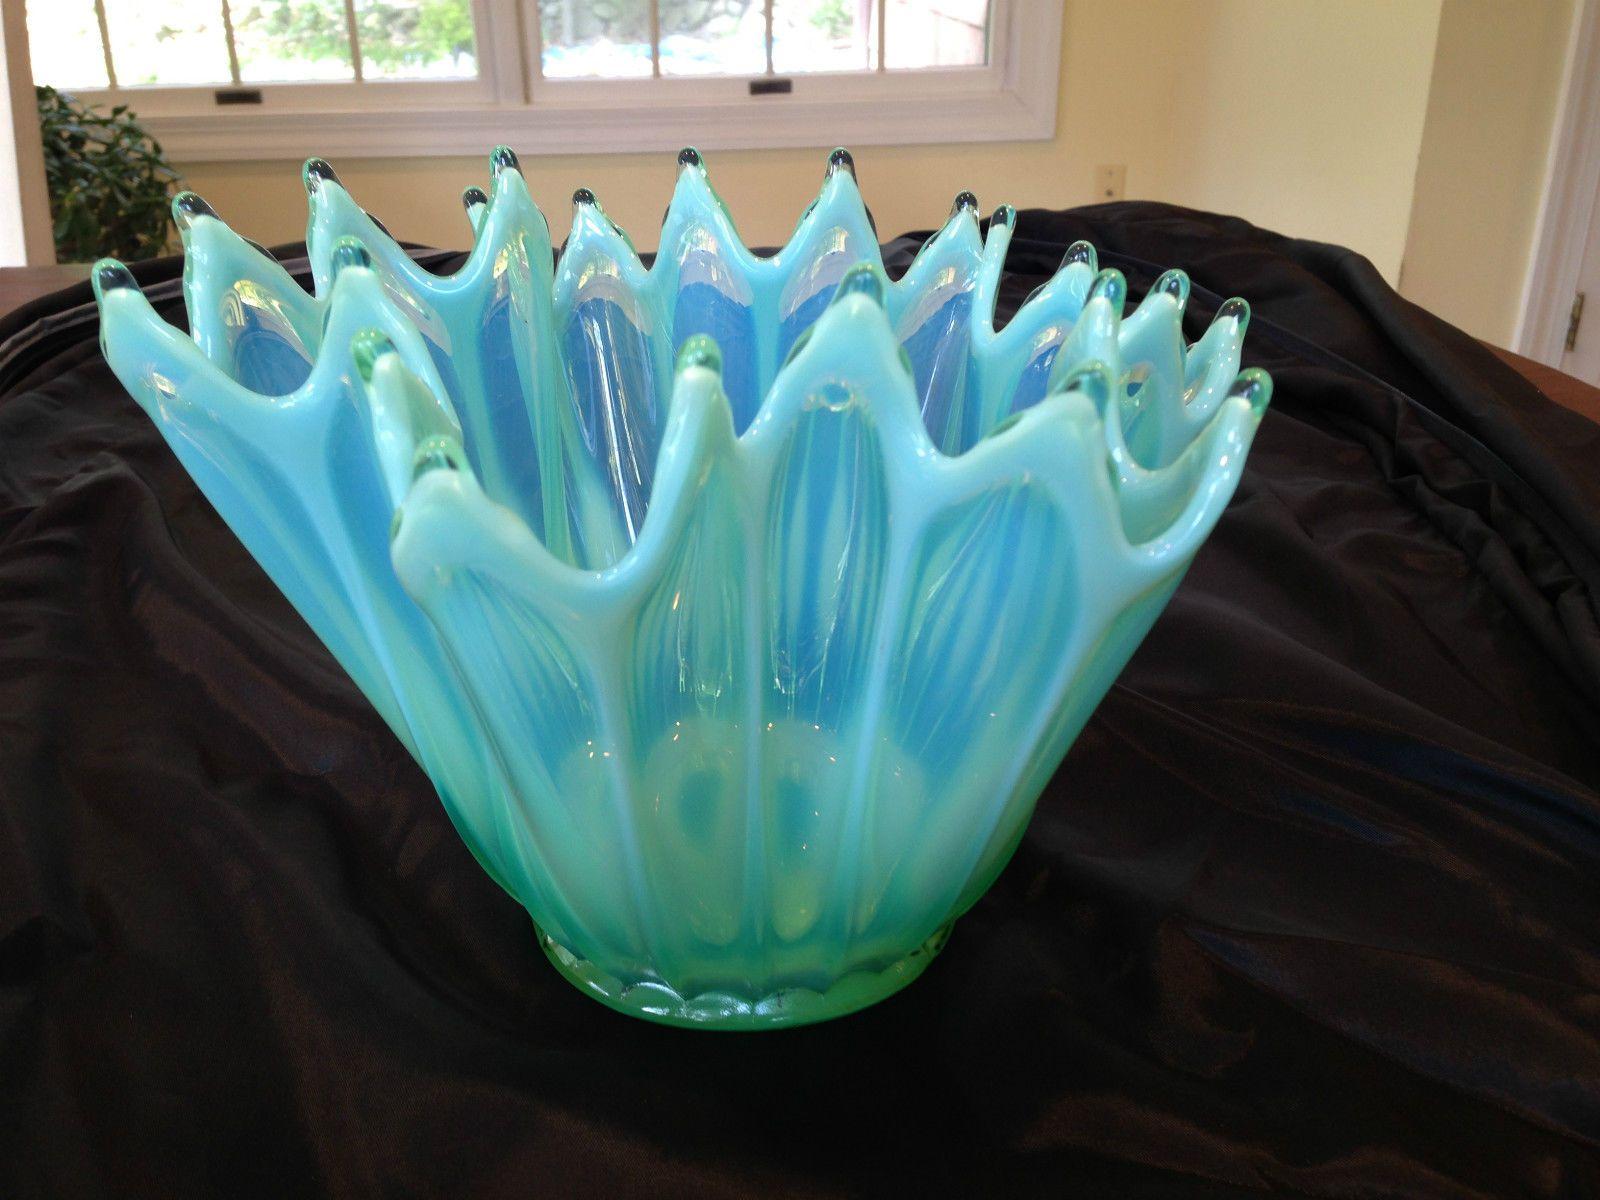 Vintage heirloom fostoria glass green opalescent handkerchief vase vintage heirloom fostoria glass green opalescent handkerchief vase bowl mint ebay reviewsmspy